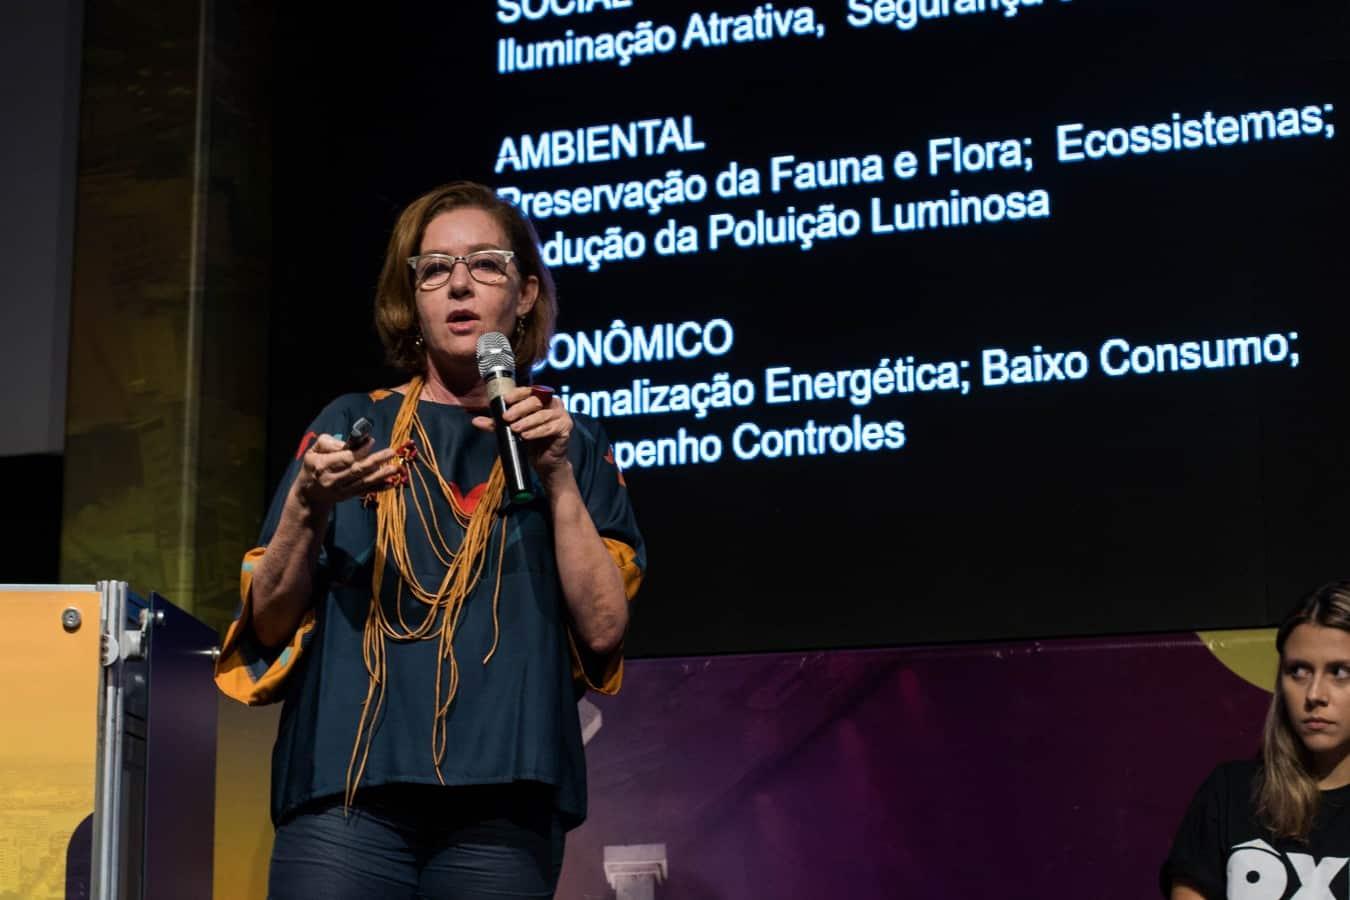 CLÁUDIA TORRES - Evento internacional no Recife discute iluminação pública